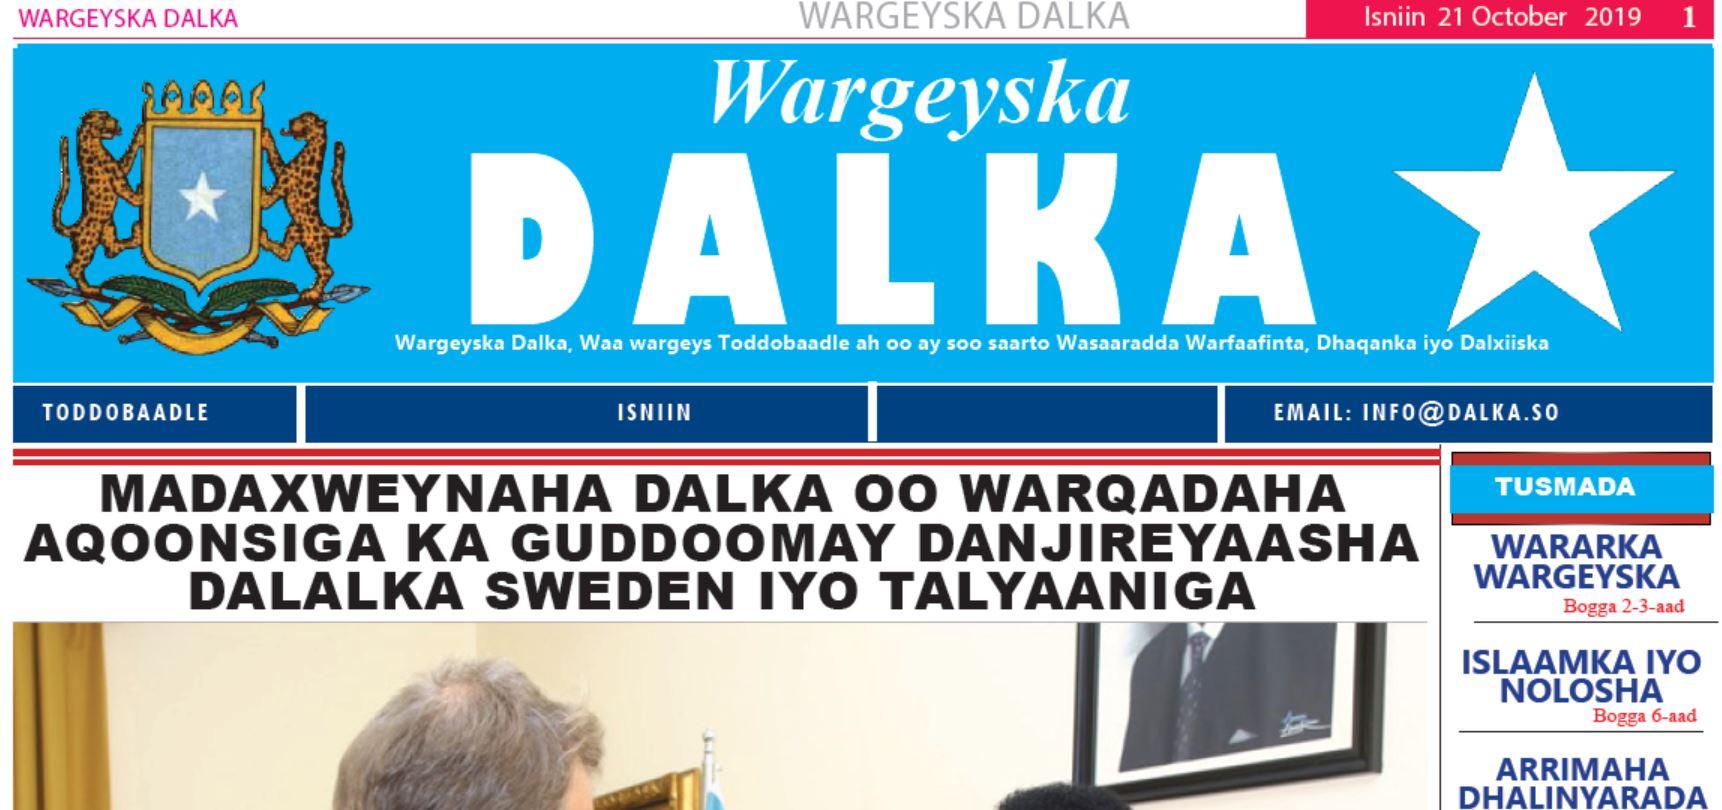 Wargeyska Dalka Isniin 21 October 2019